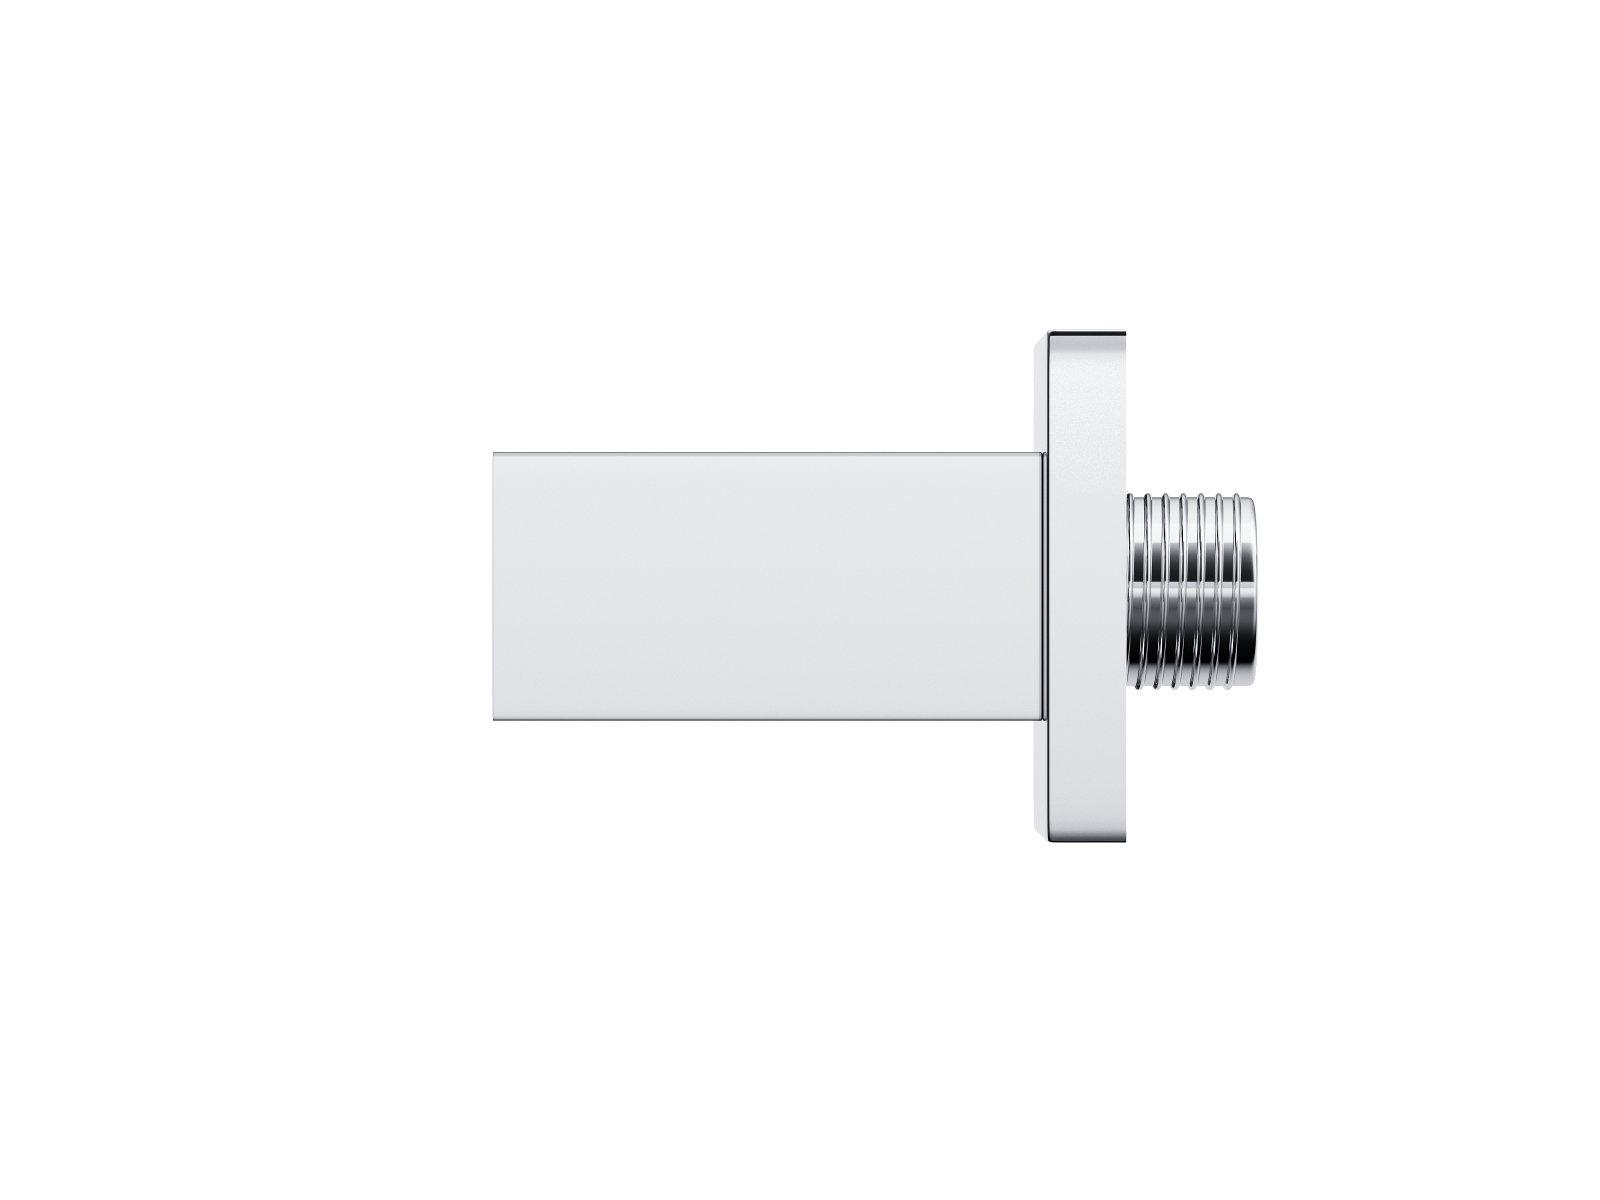 Držiak na sprchu Corsan CMU188 pre ručnú sprchu je pochrómovaný